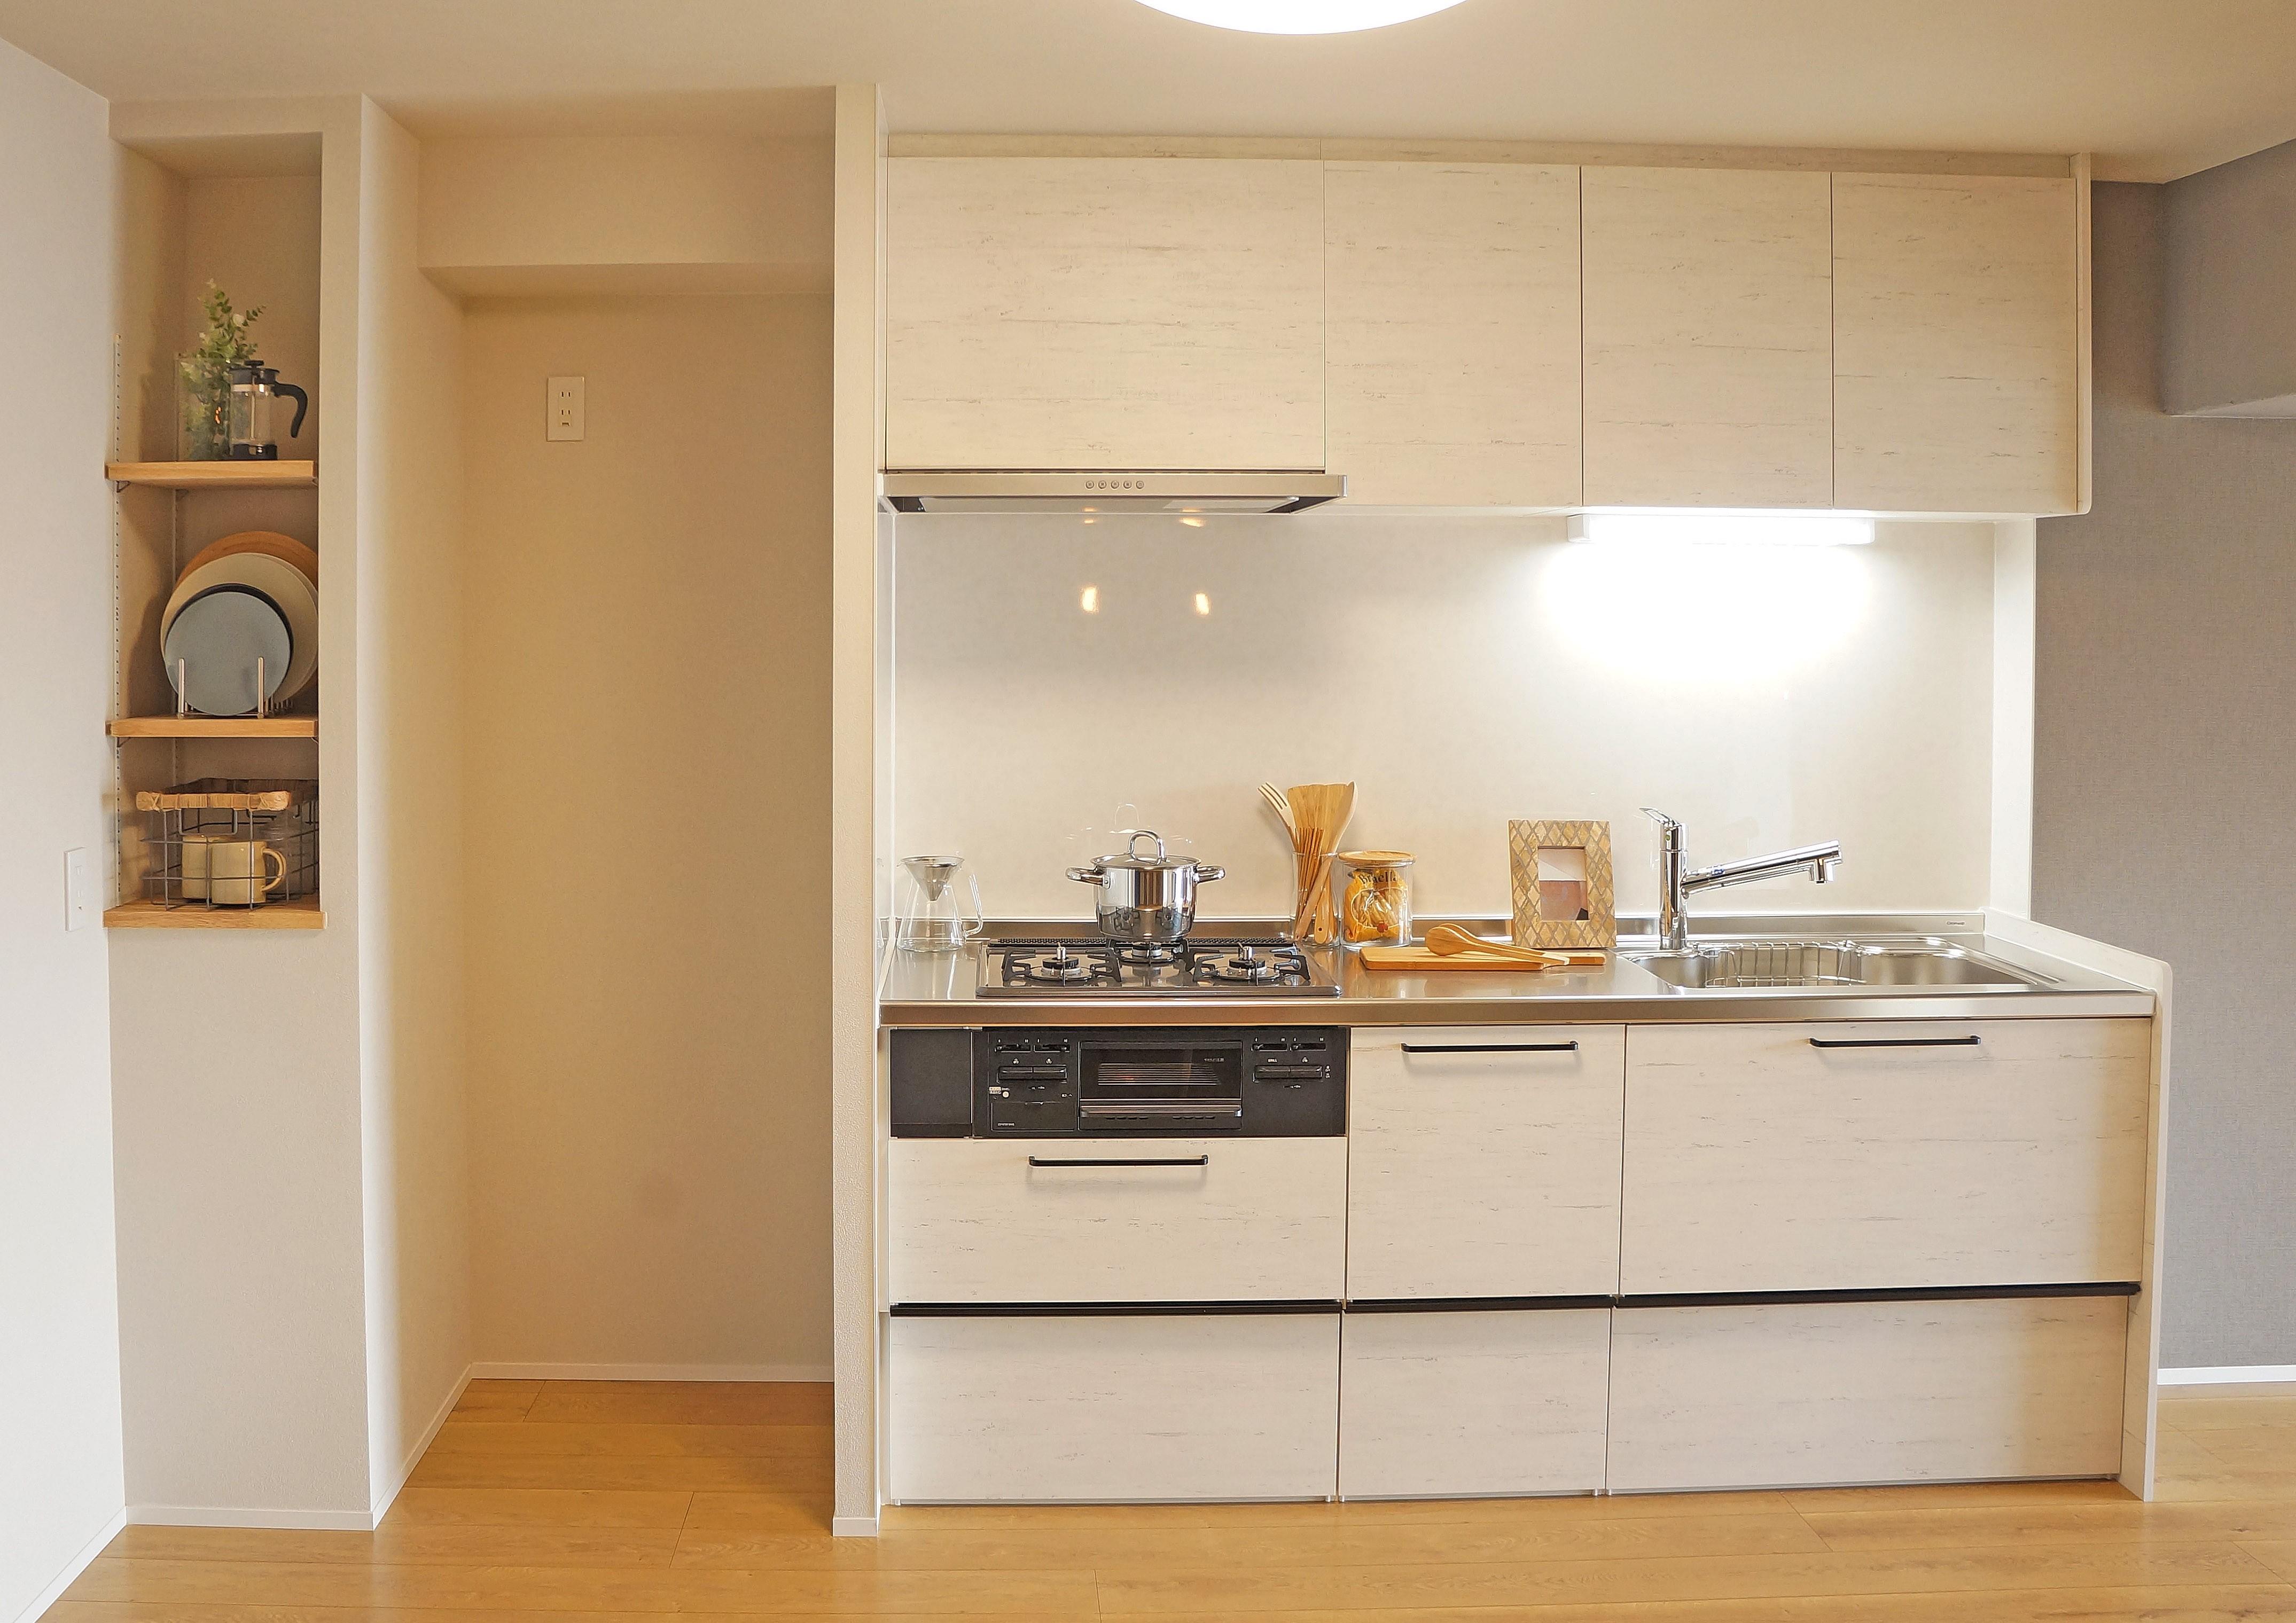 キッチン事例:キッチン(素材の質感を楽しむリノベーション)